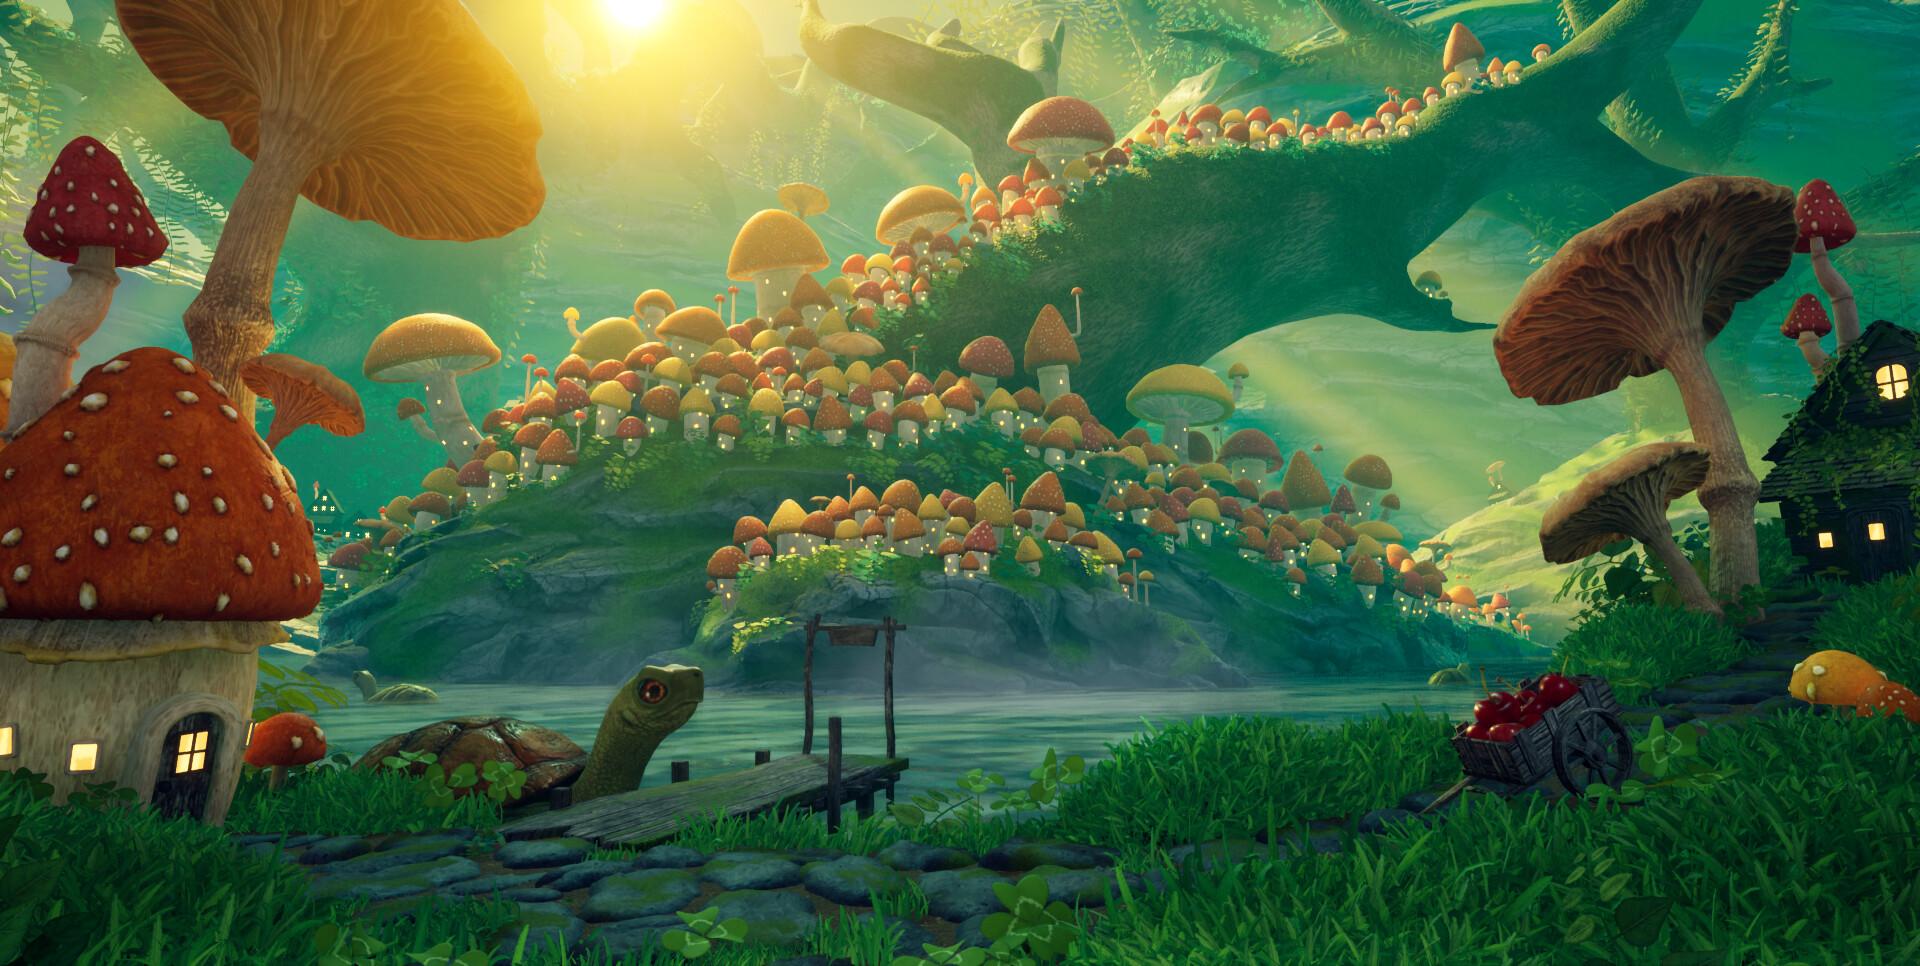 LeeMichelle.MushroomLand – Michelle Lee